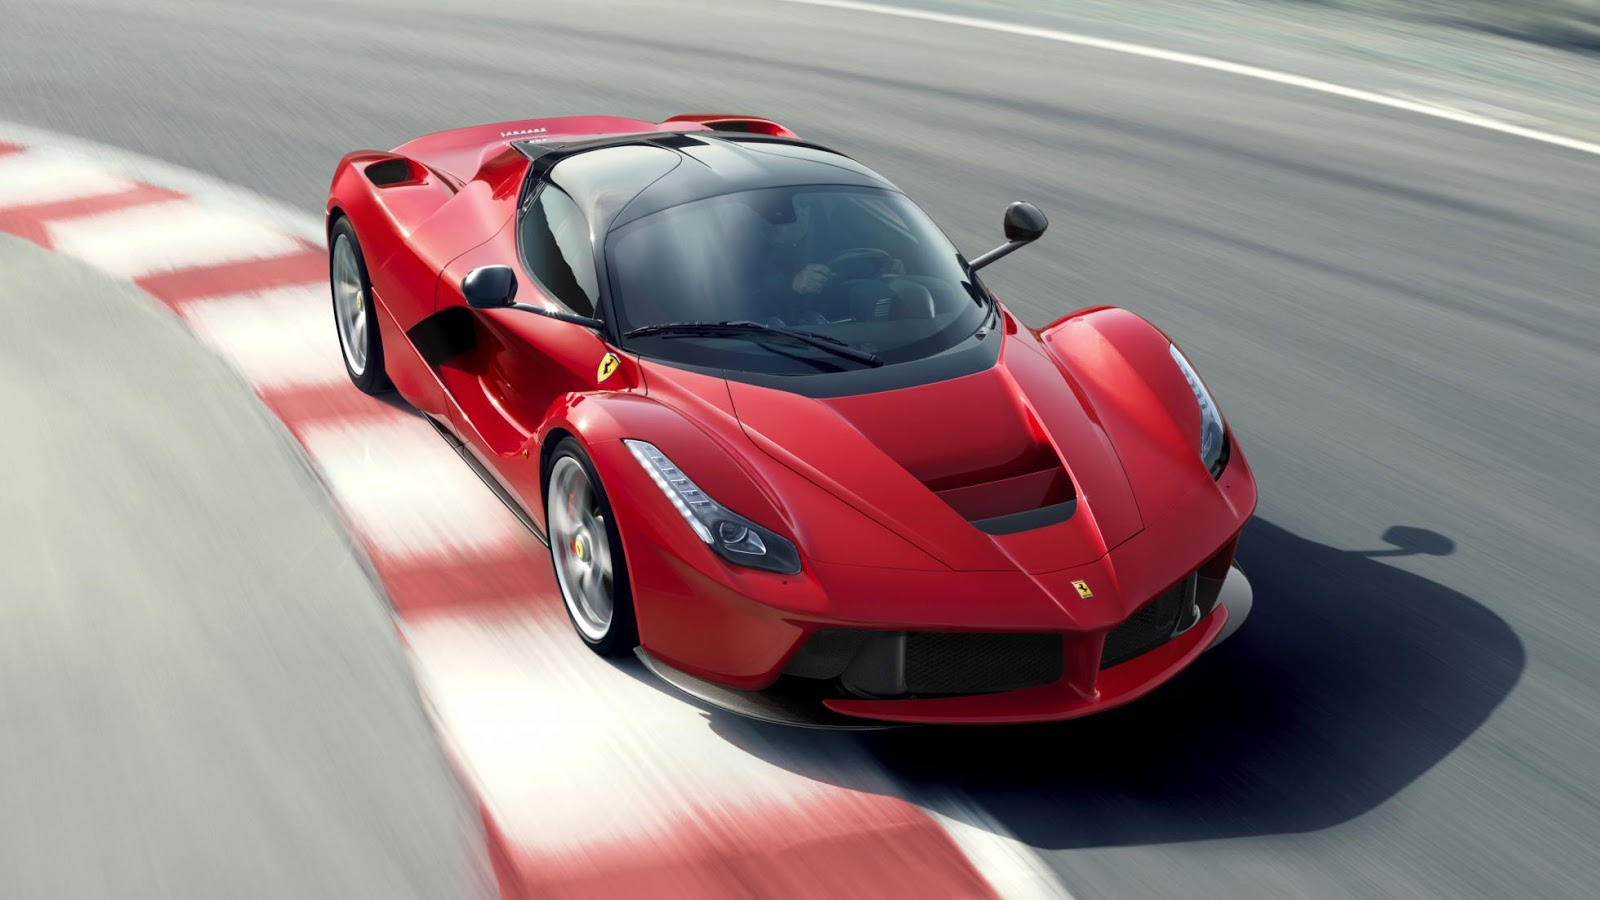 Những thay đổi của Laferrari sẽ thay đổi được cục diện của thị trường siêu xe?